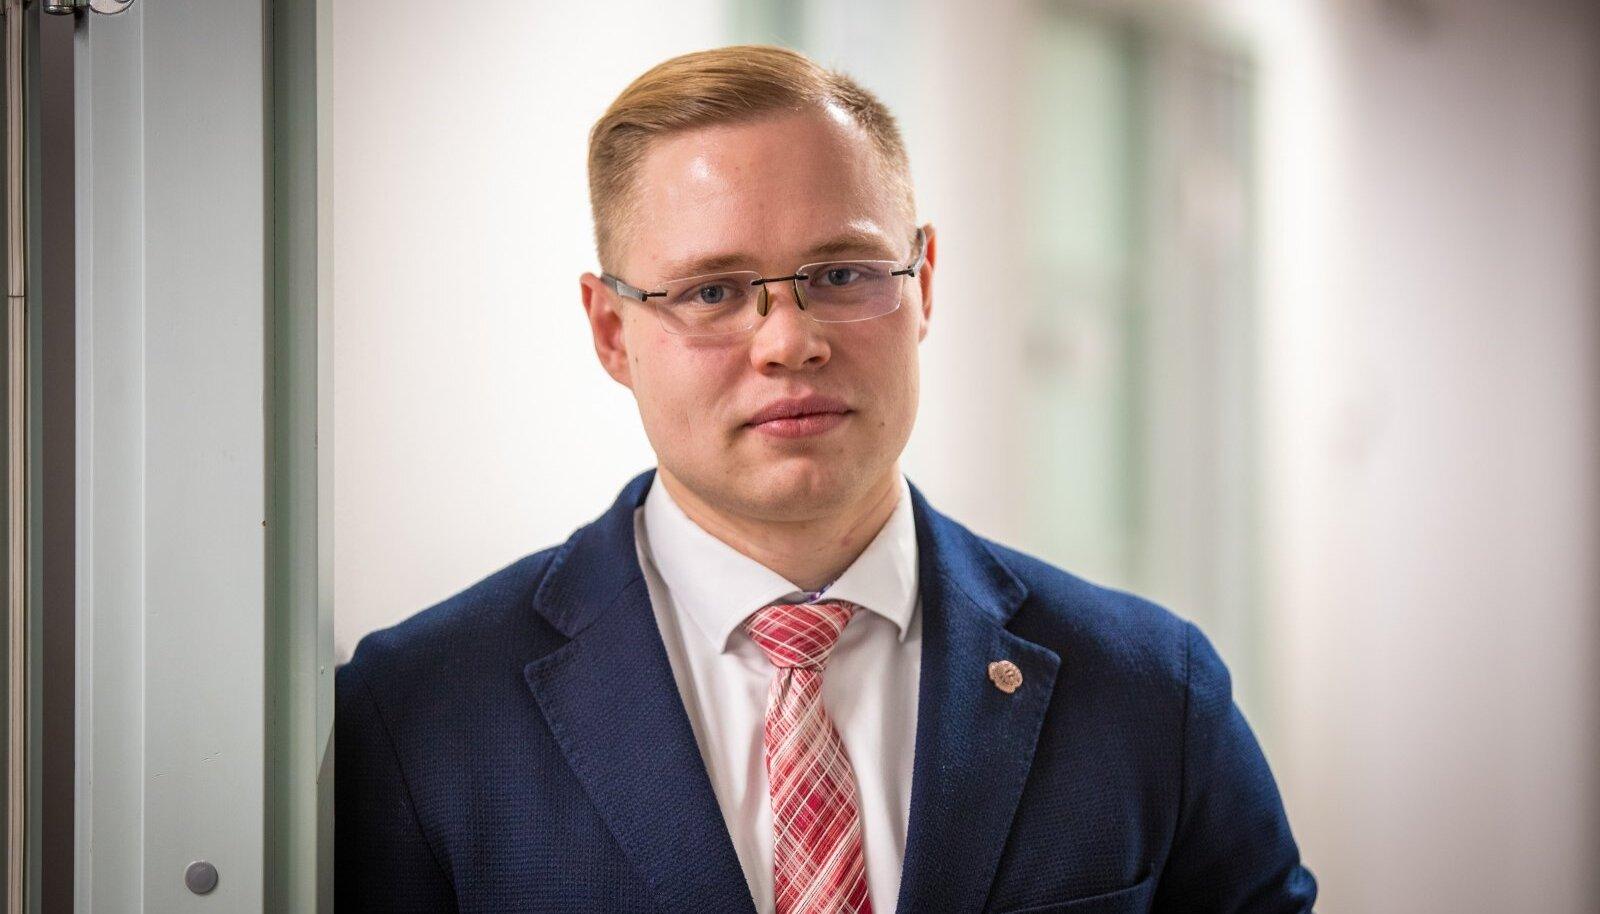 MA TEGIN KOHTUAJALUGU! Vandeadvokaat Silver Reinsaar on Eesti kohtumajades juba aastaid tuttav nägu. Riigikohtu otsus sideandmete keelamisest kriminaalasjades kasvatab tema tuntust veelgi.